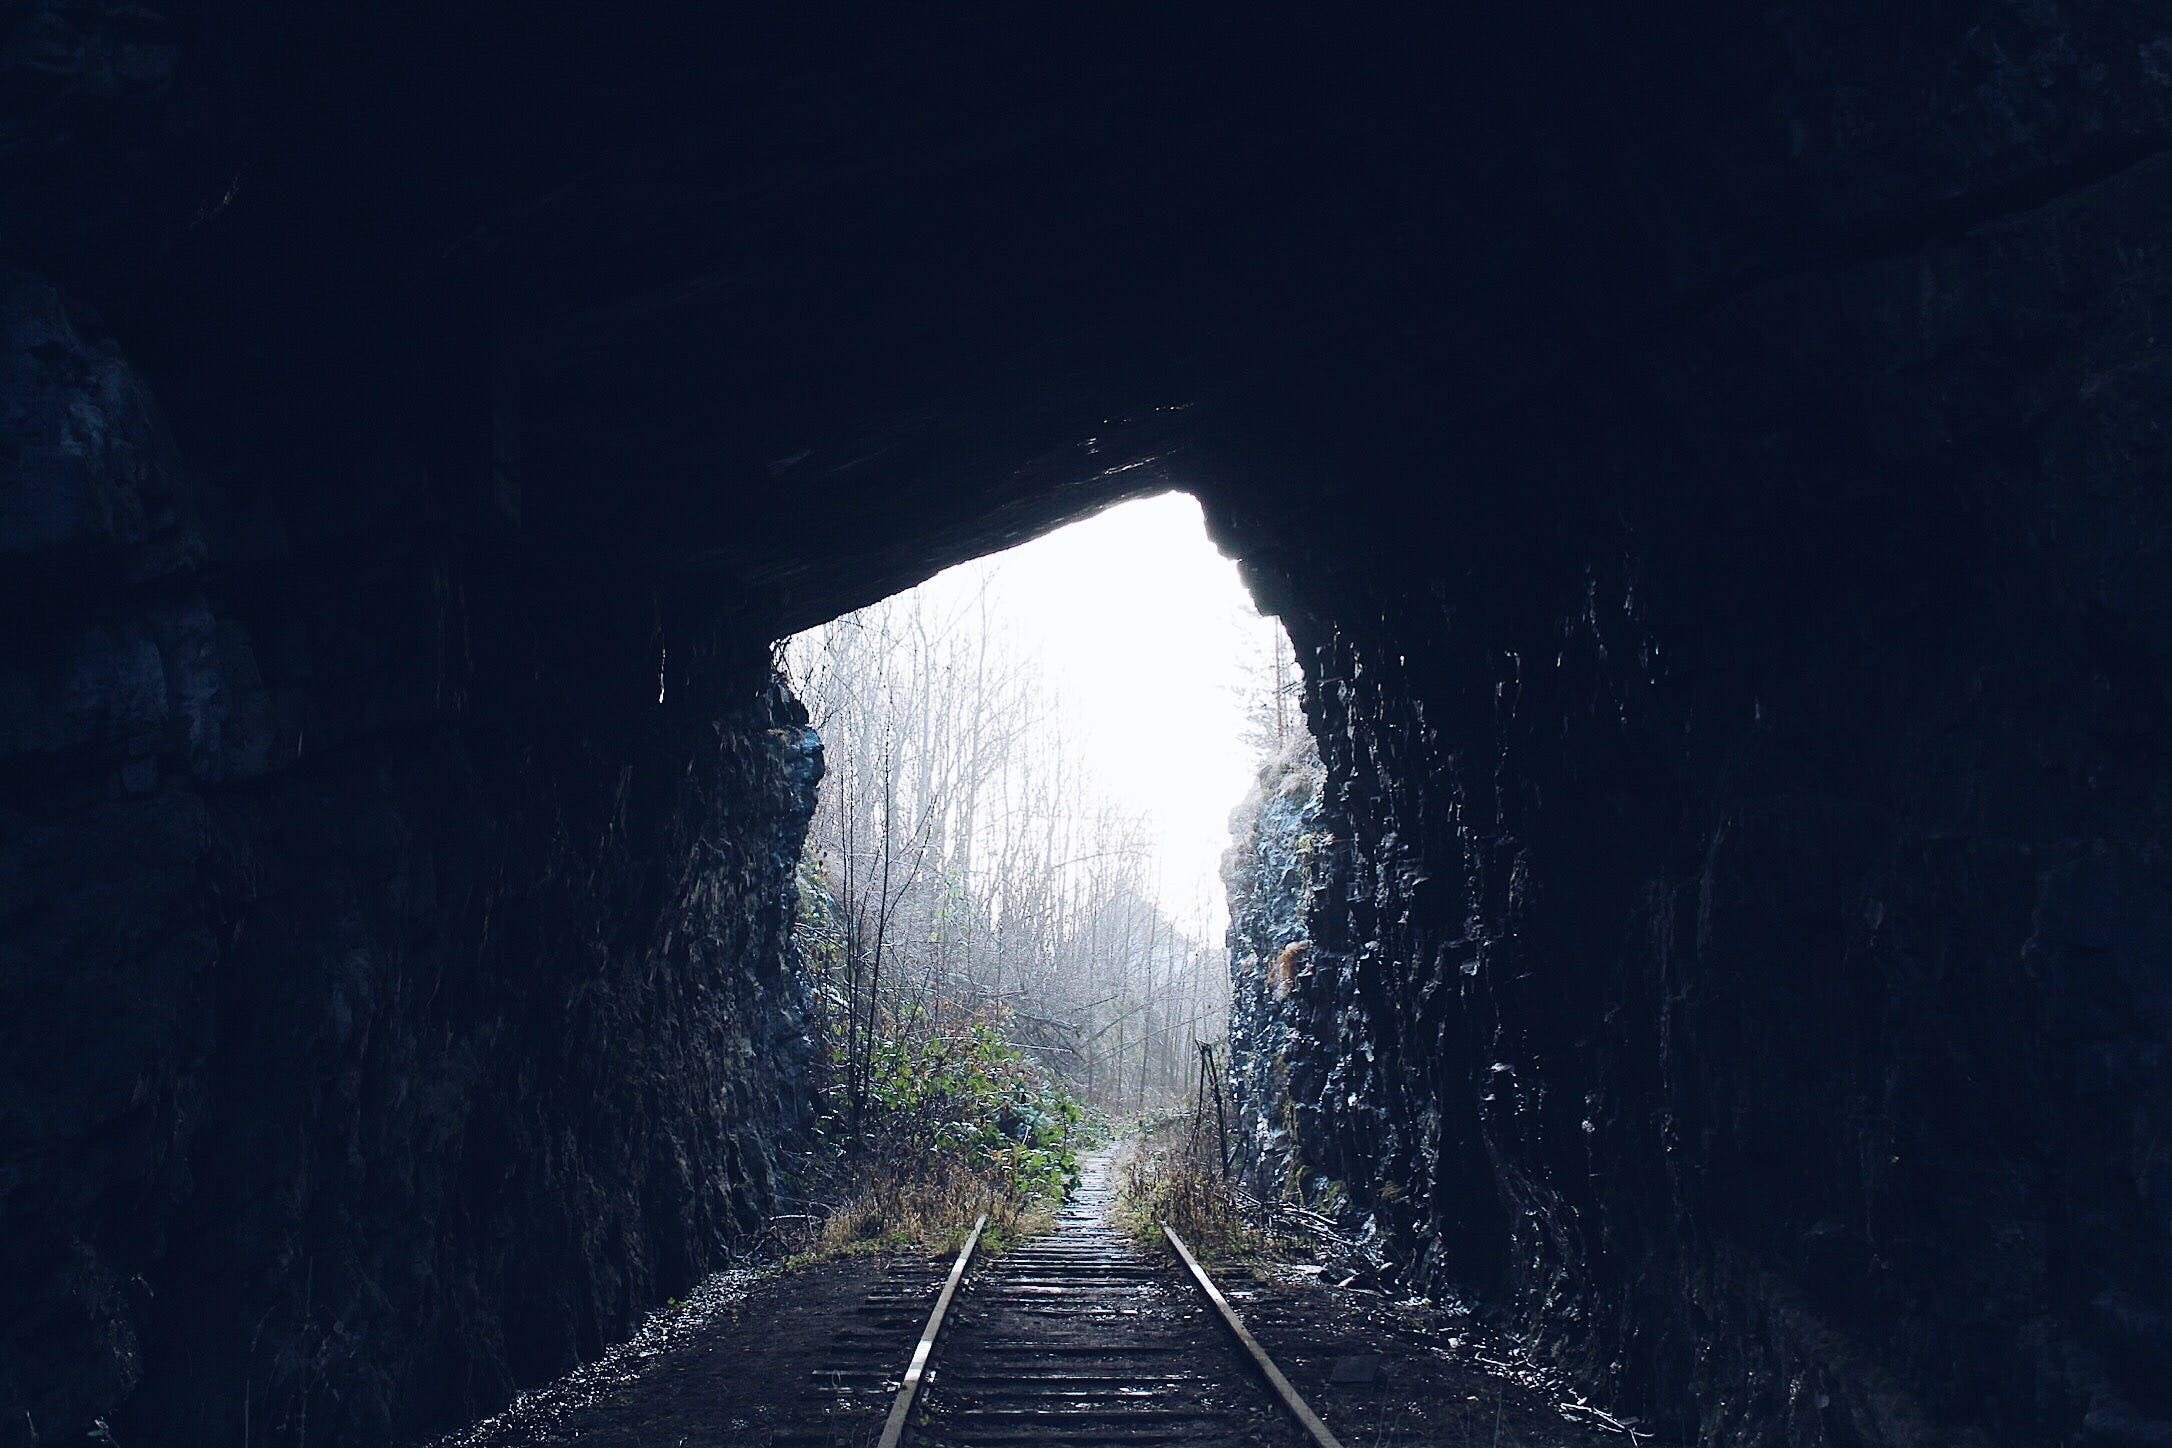 ガイダンス, ダーク, チューブ, トンネルの無料の写真素材